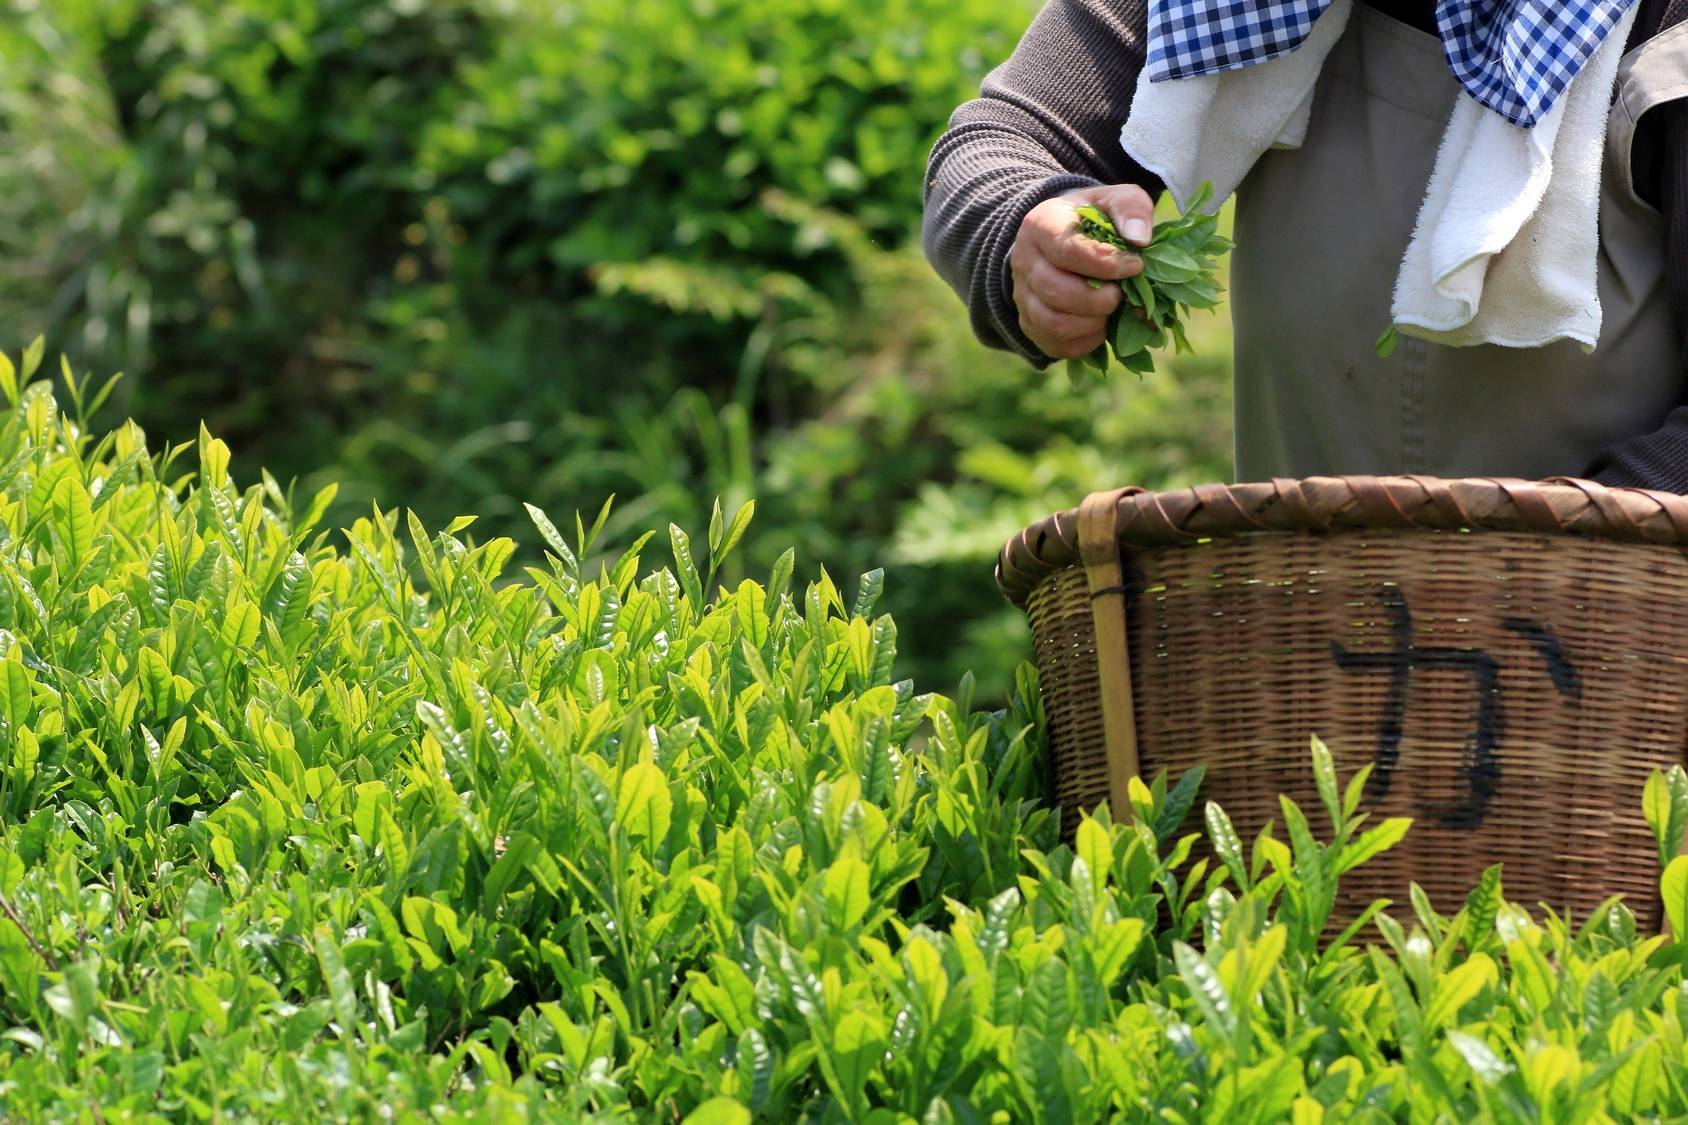 Jak uprawiać matchę? Zbieranie liści matchy na plantacji w Japonii.